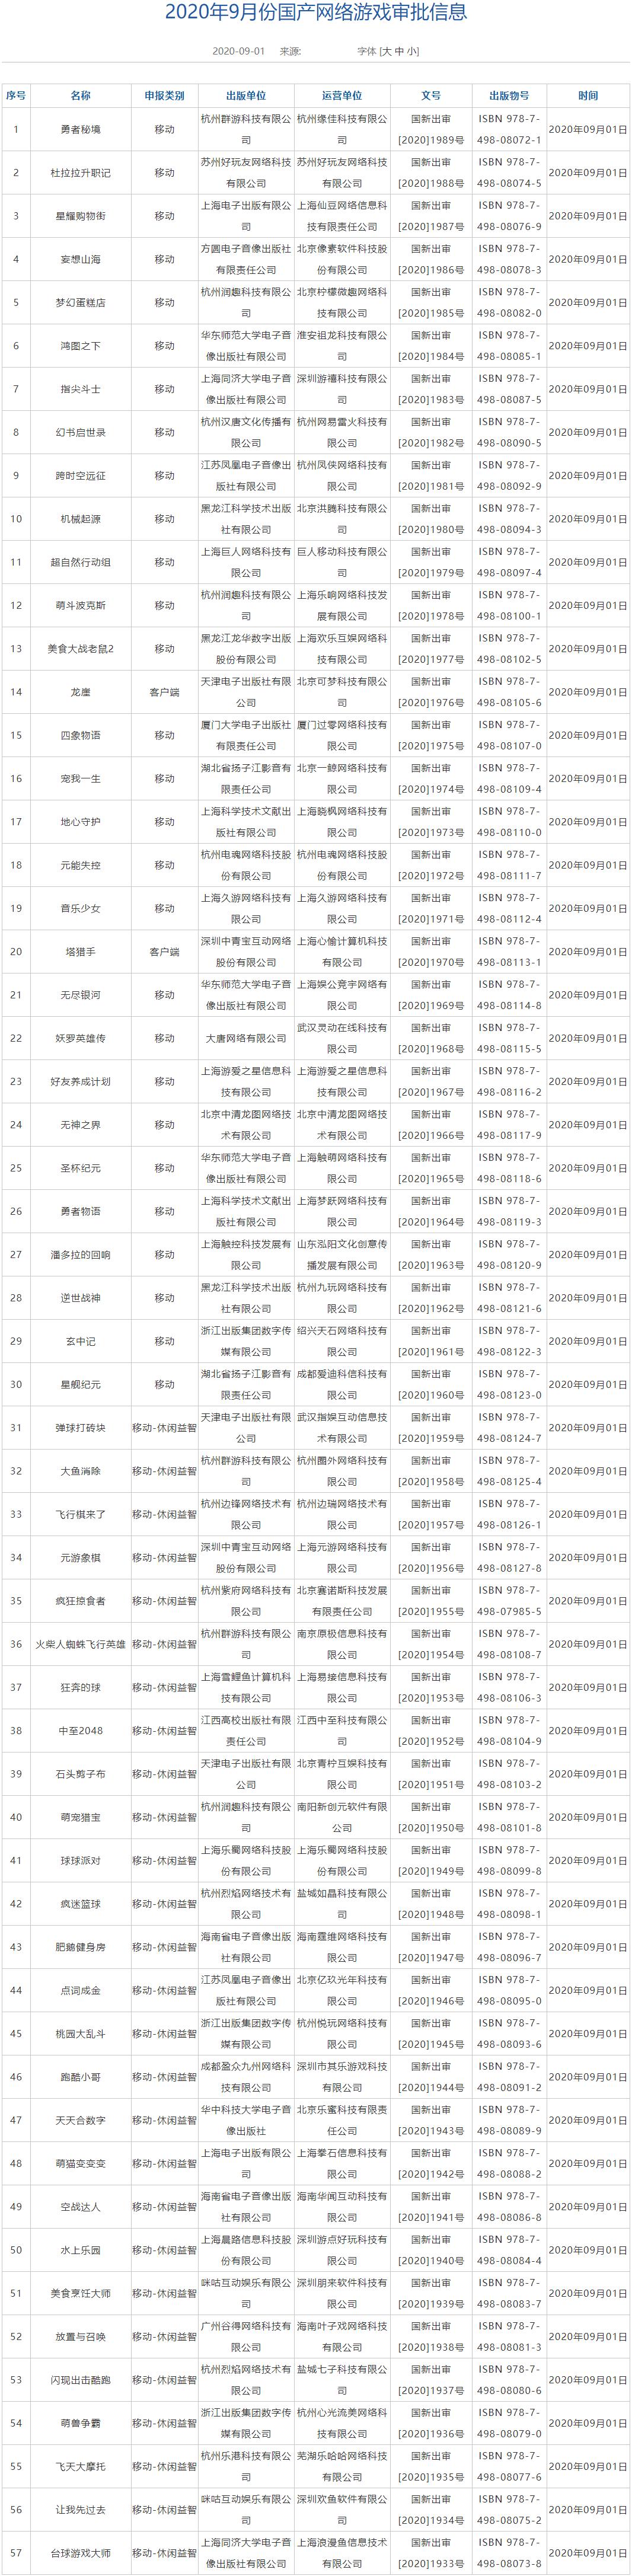 9月国产网游版号公开 共57款过审55款移动端游戏